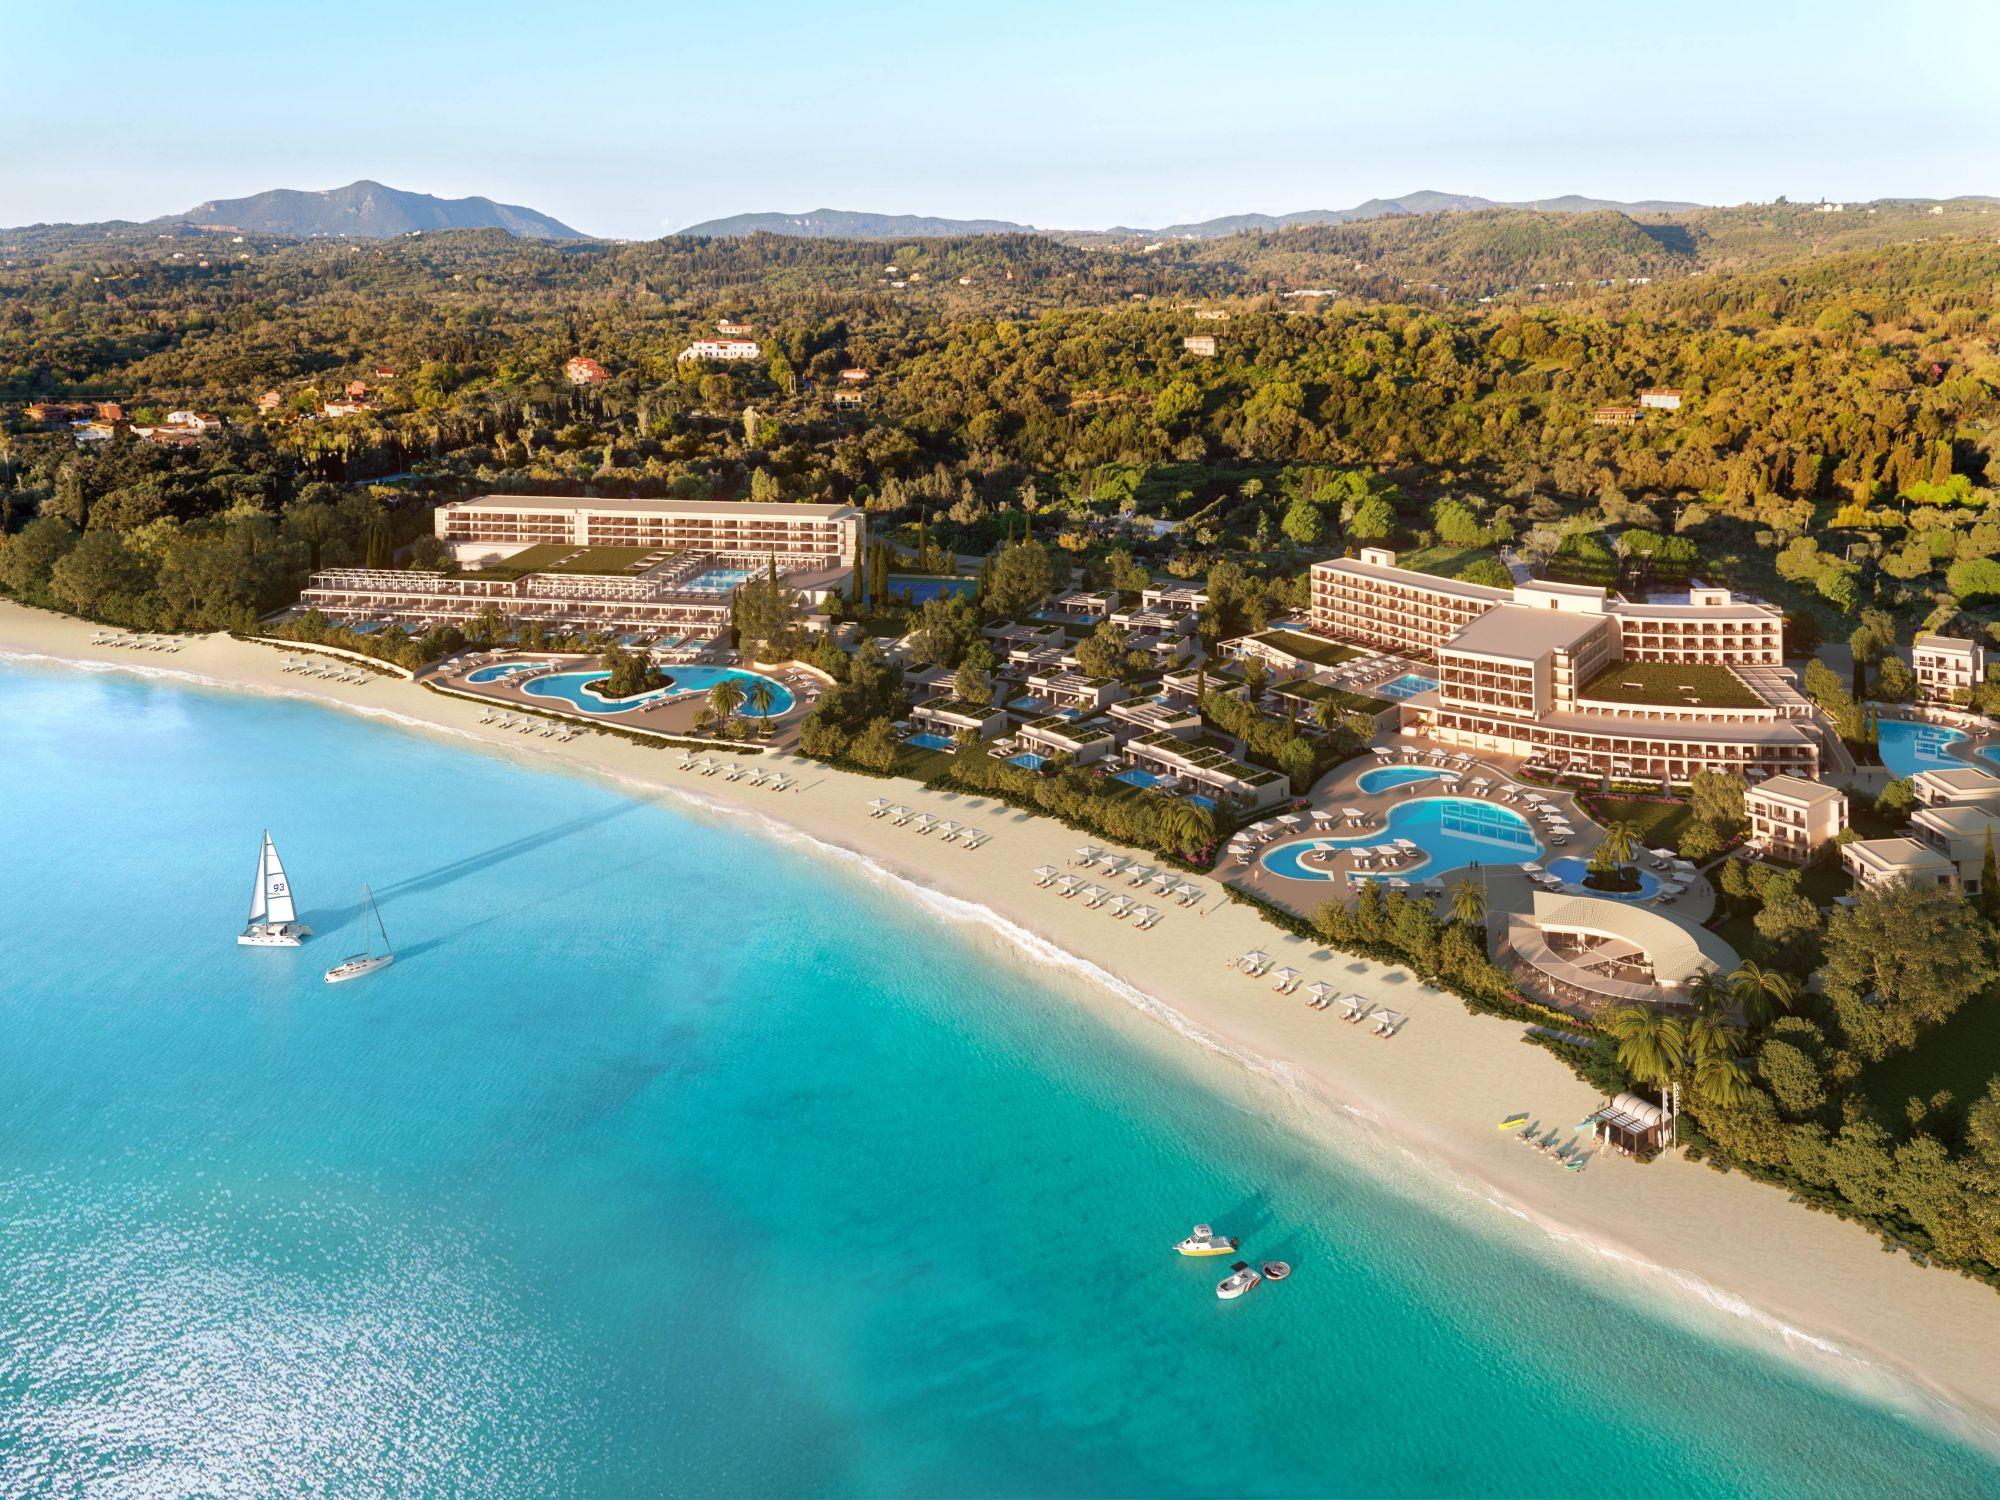 Понад 200 п'ятизіркових готелів з'явилося в Греції за період реформ